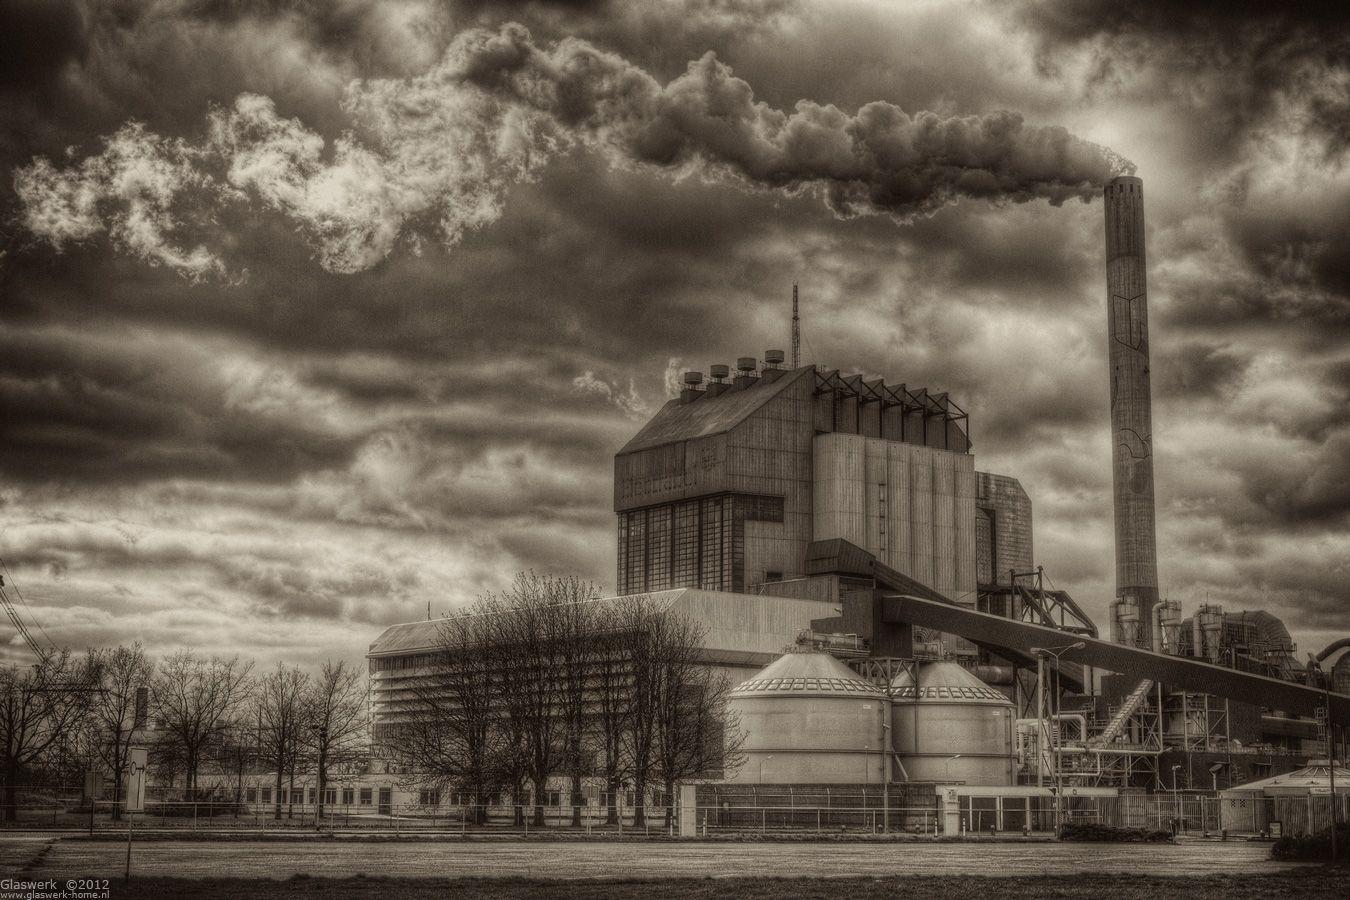 Electrabel kolencentrale gezien vanaf de Waalzijde